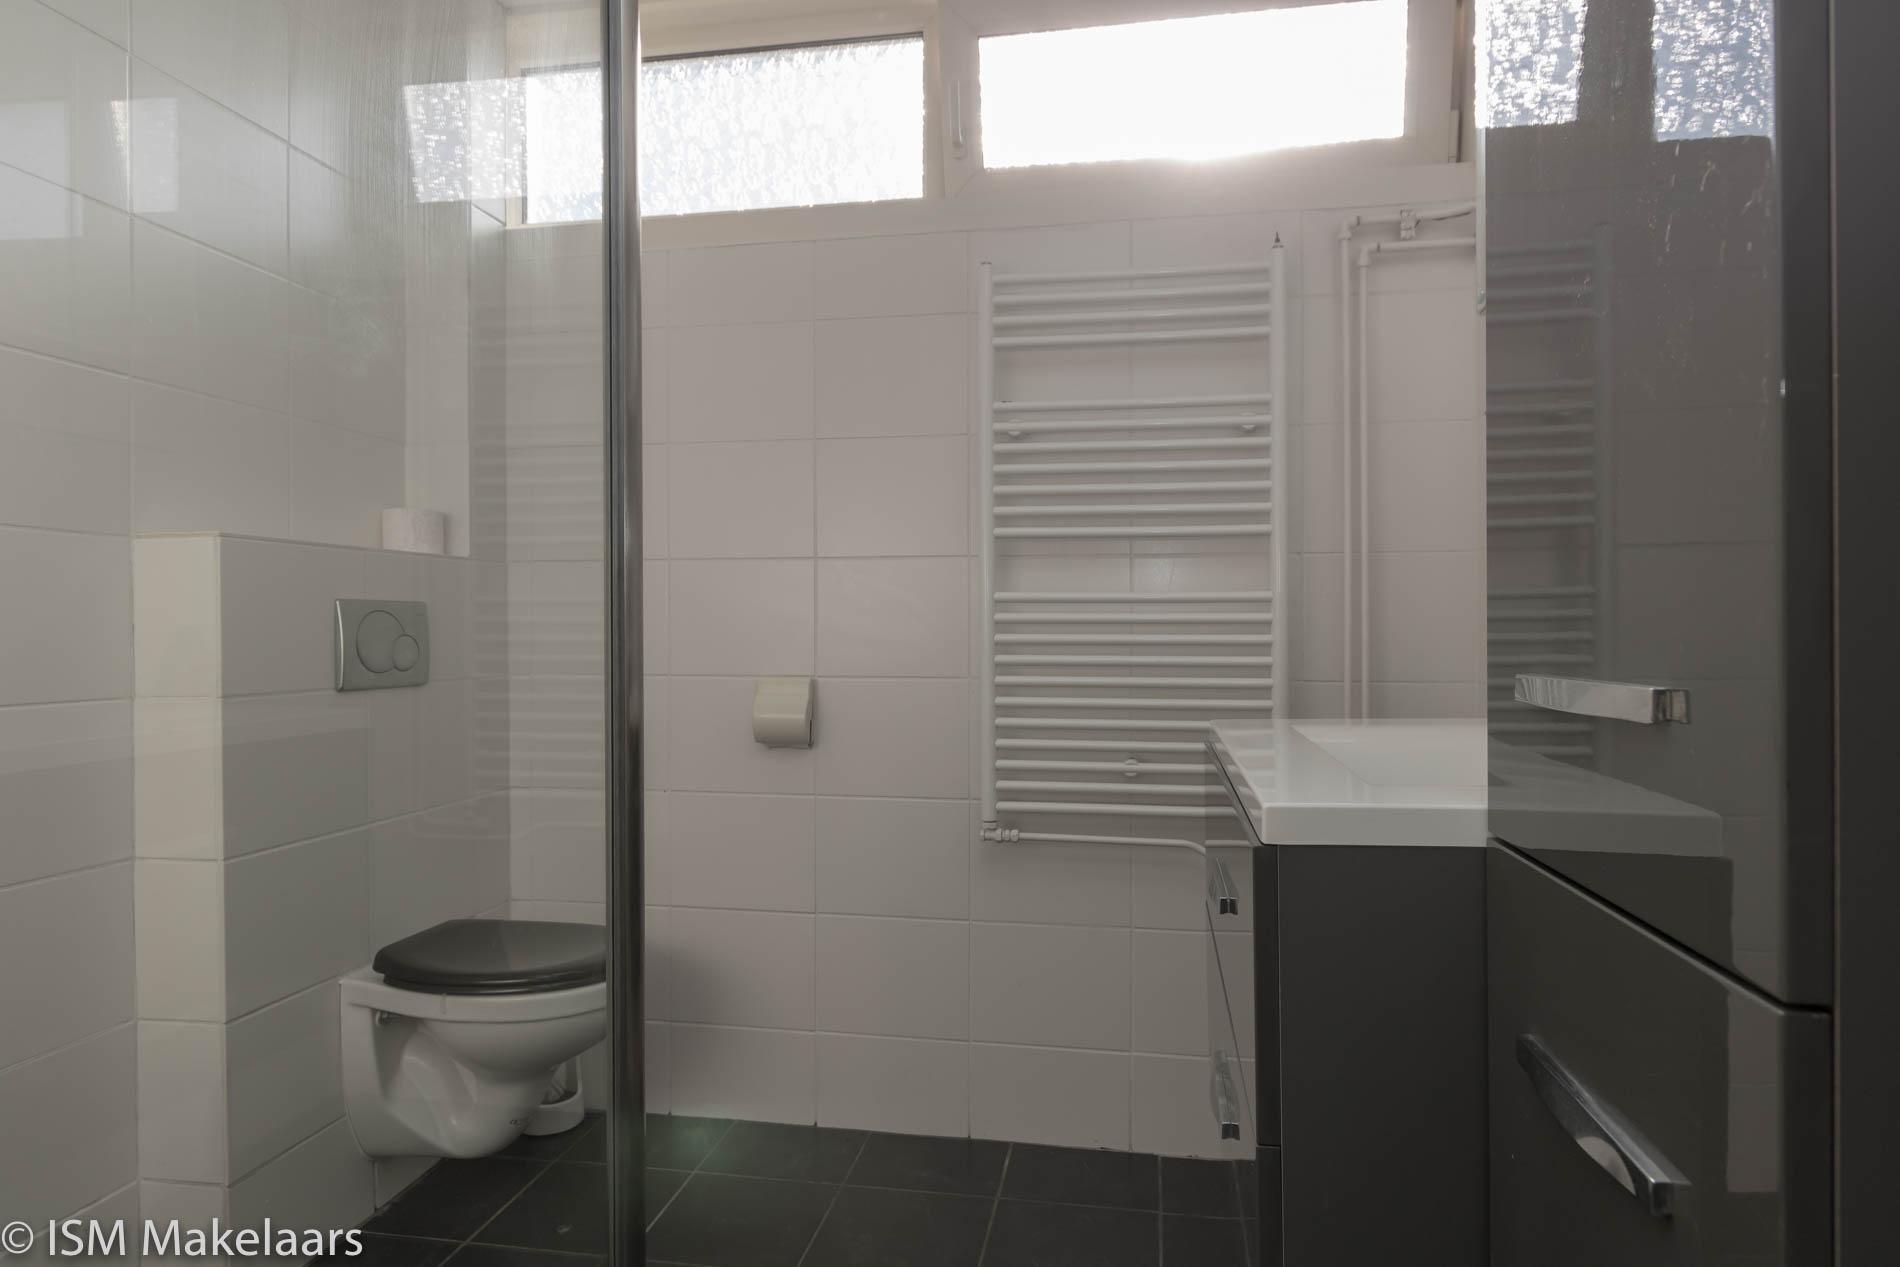 badkamer lelieplein 17 yerseke ism makelaars